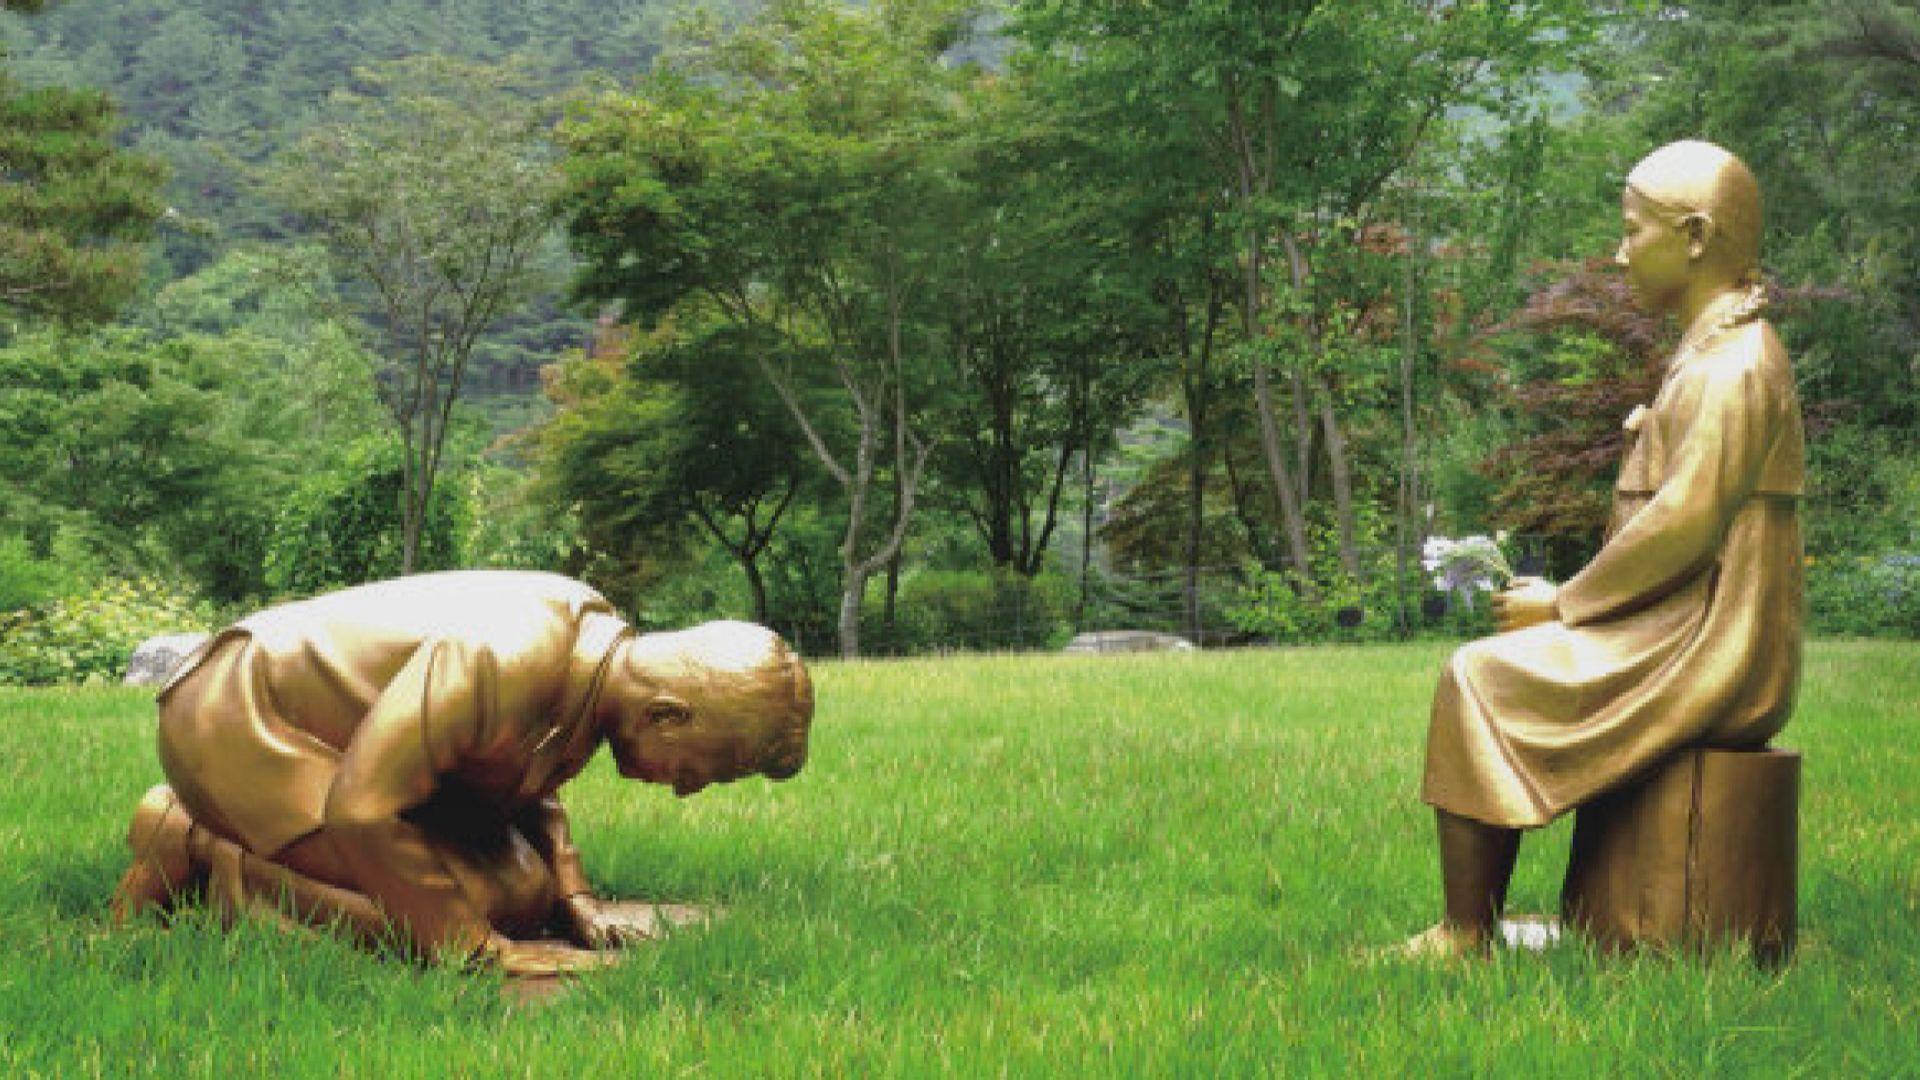 南韓雕像疑影射安倍晉三向慰安婦下跪 日方表示強烈不滿